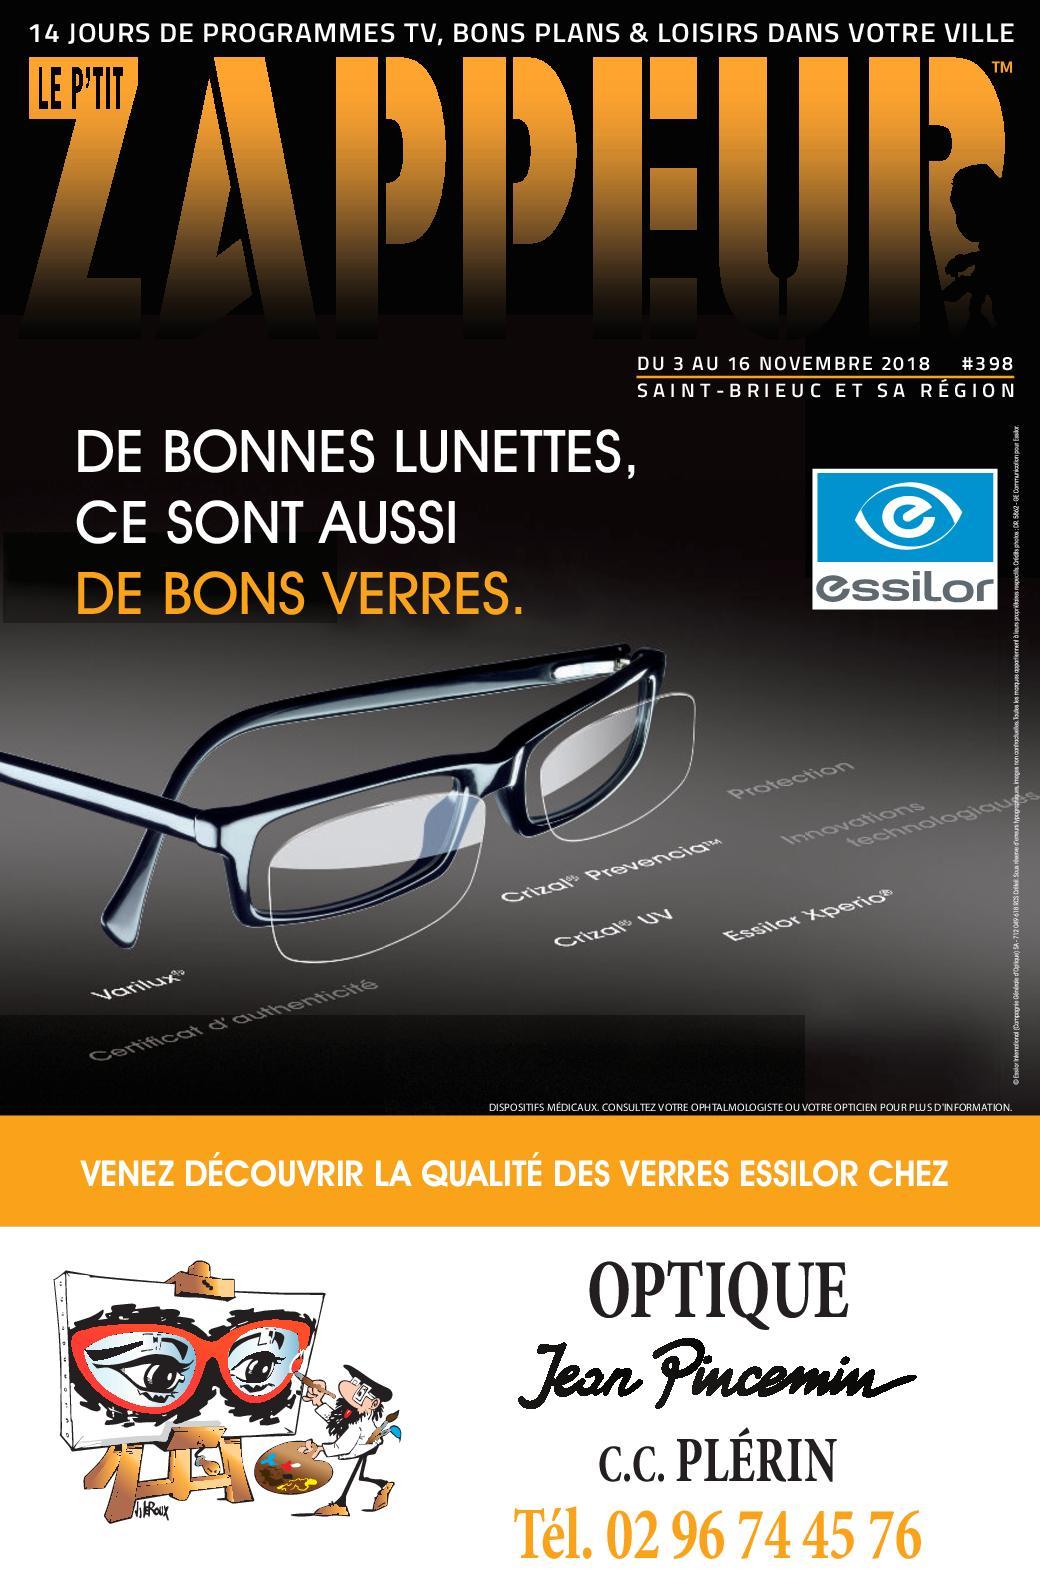 Calaméo - Le P tit Zappeur - saintbrieuc  398 3002d0b85ee5